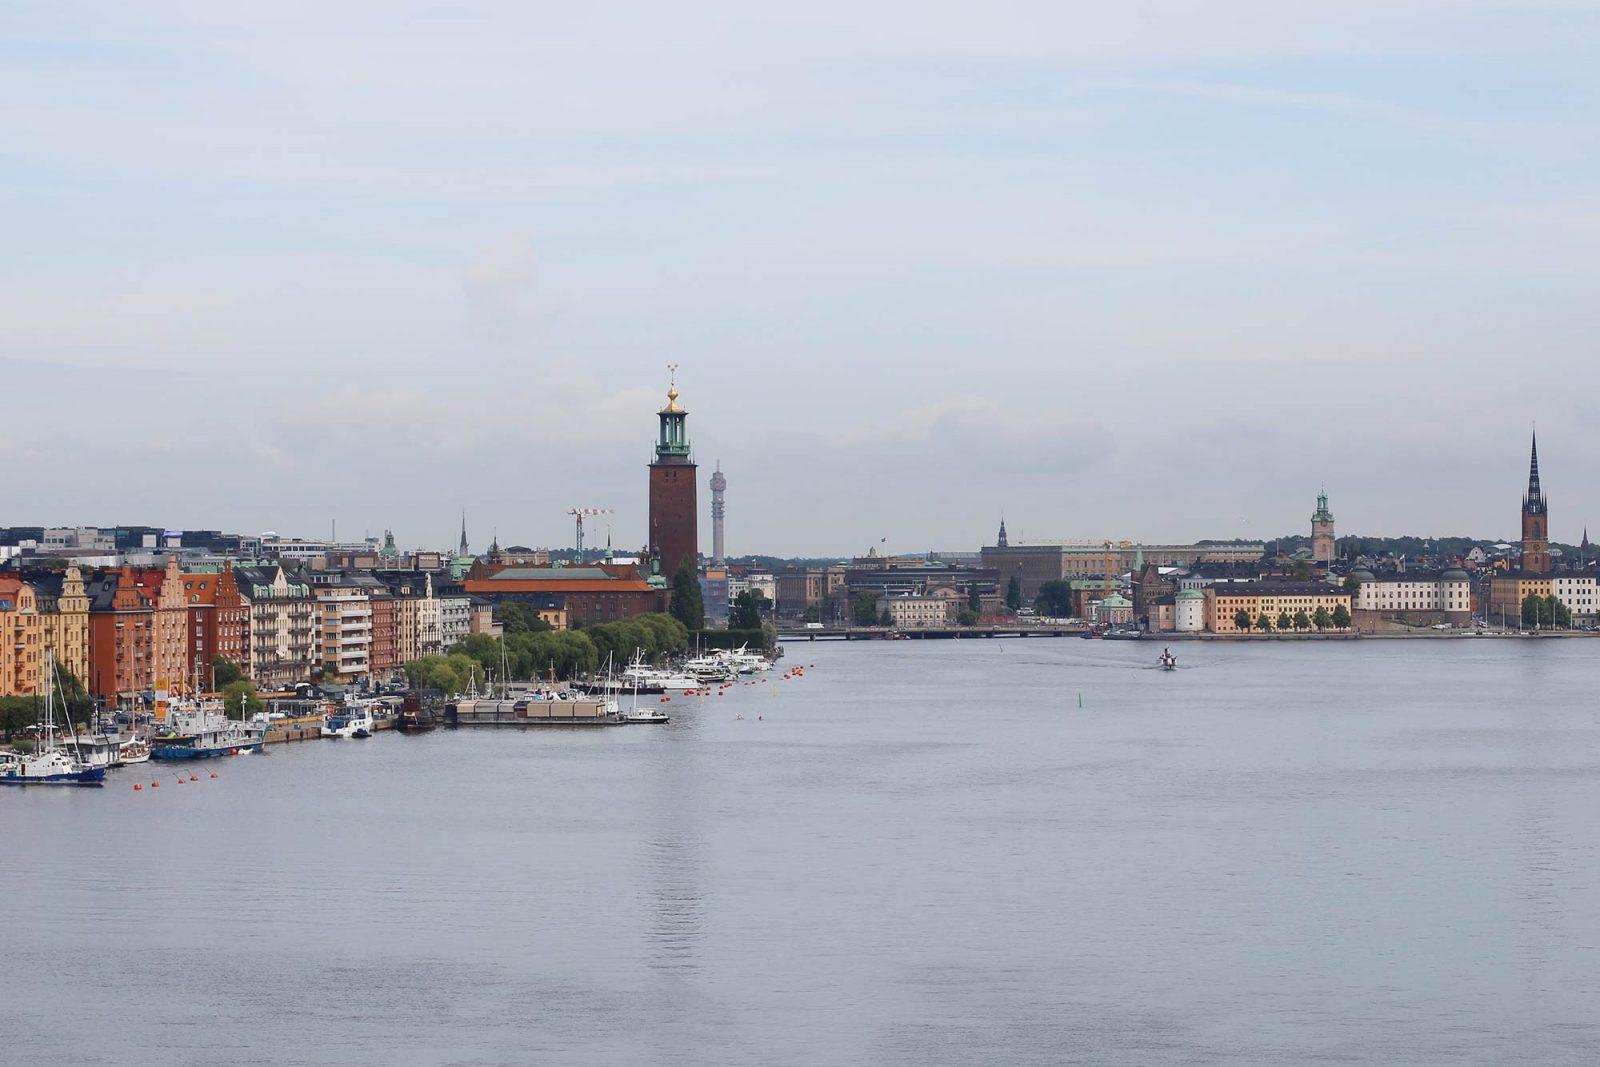 faq sweden  vasterbron.c35s88gbwvvr - faq-sweden__vasterbron.c35s88gbwvvr